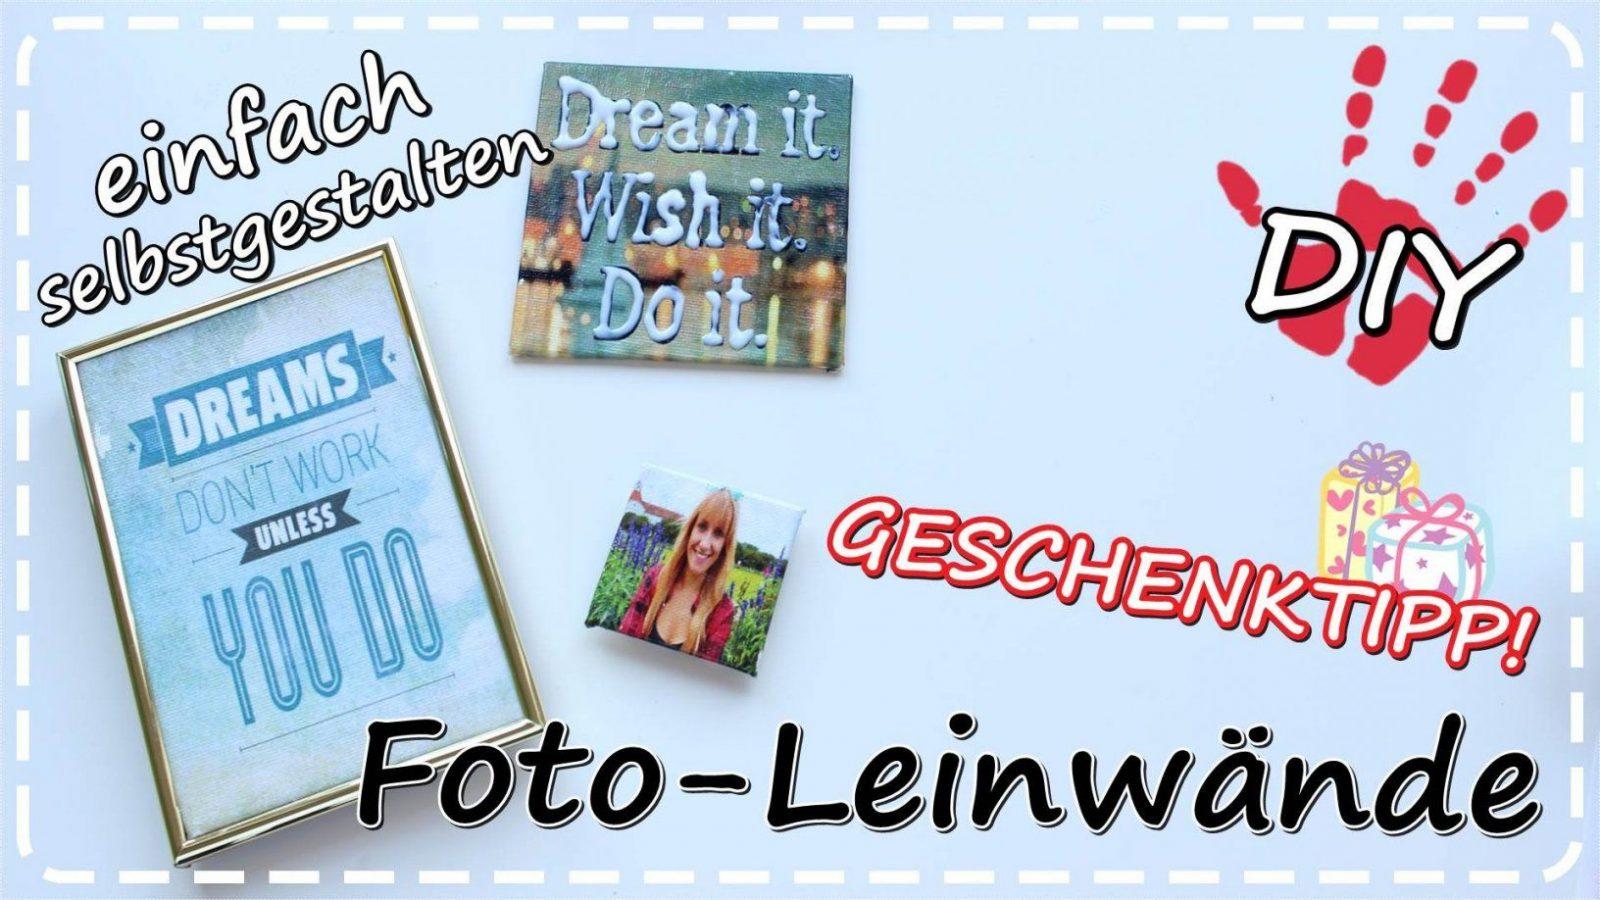 Diy Fotoleinwand Selbermachen Mit Transfer Potch  Geschenkideen von Collage Auf Leinwand Selber Machen Photo